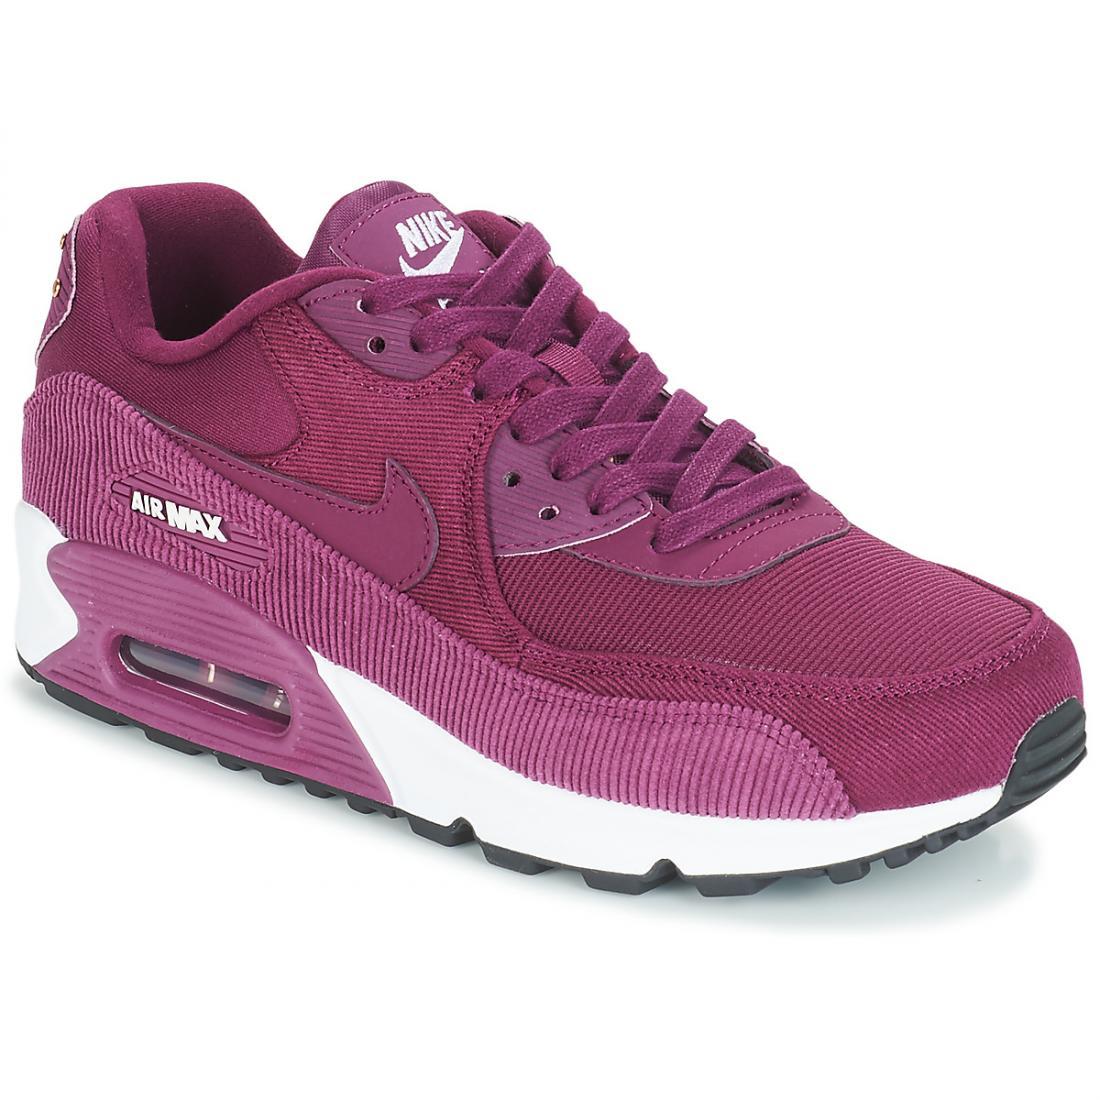 air max 90 femme violet,Chaussure Nike Air Max 90 pour Femme. Nike ...